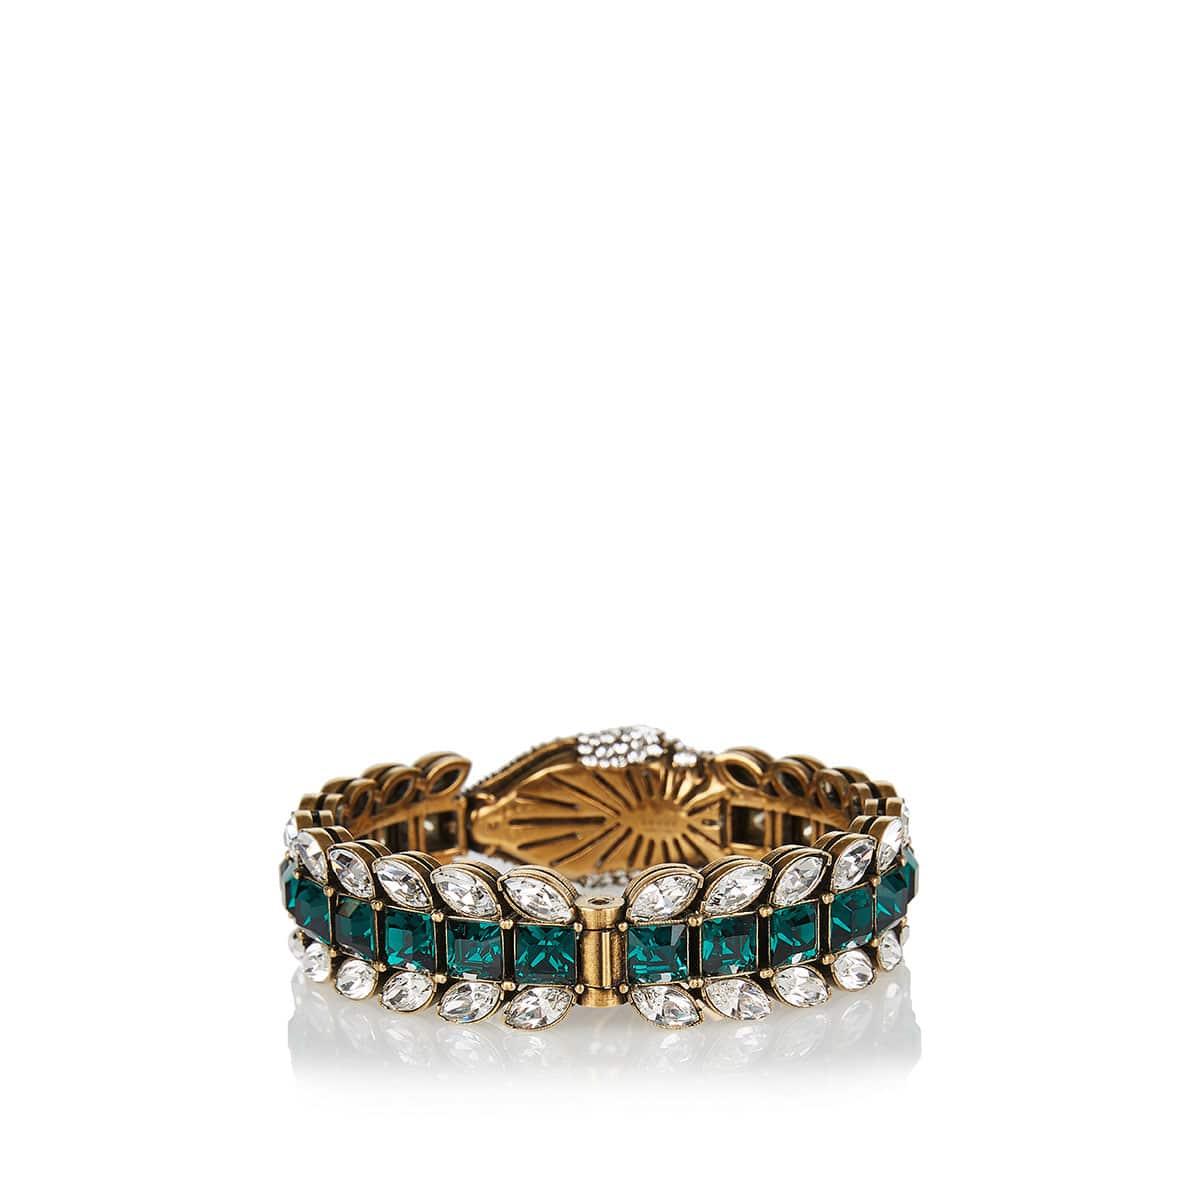 Crystal-embellished snake bracelet